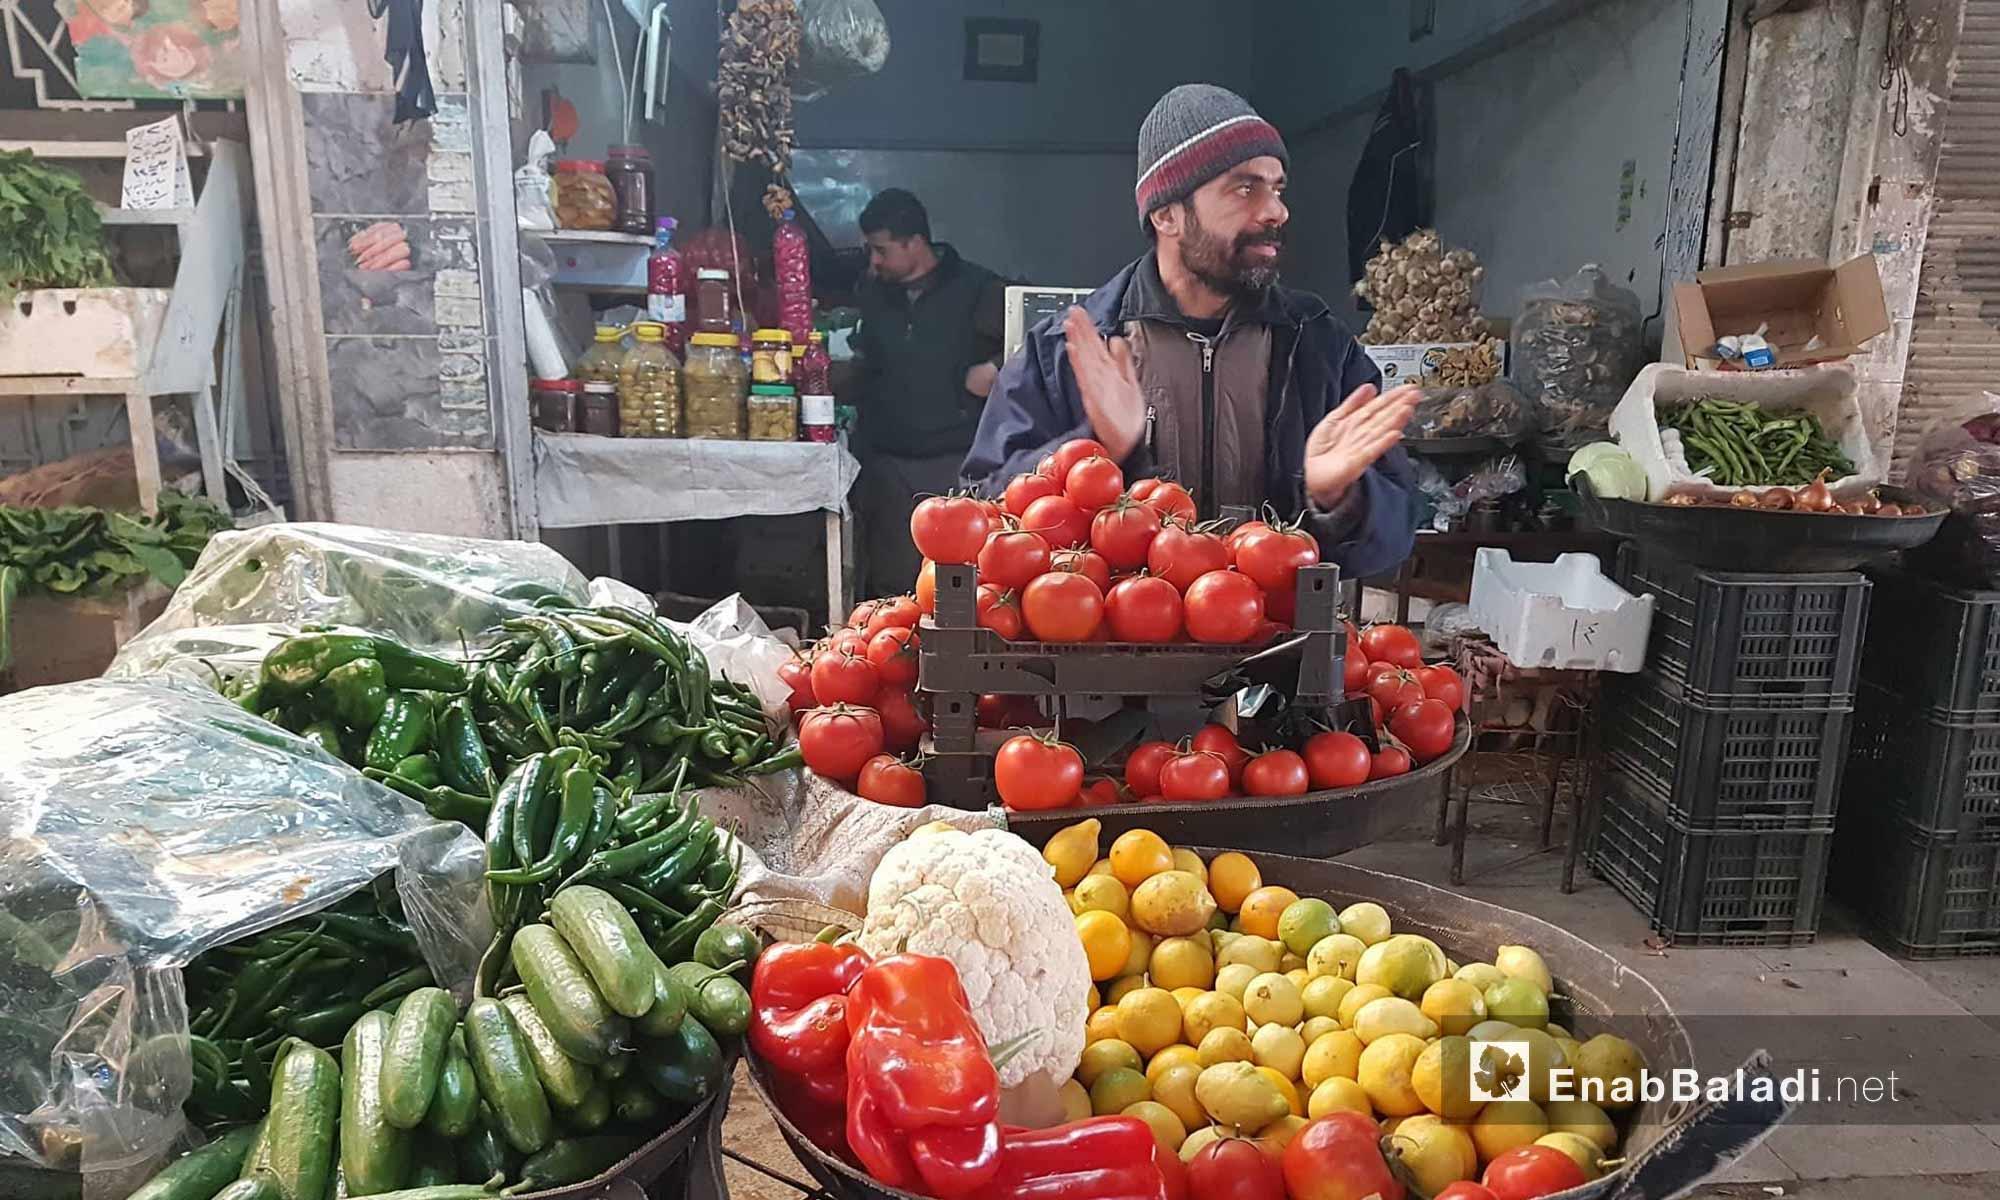 سوق الخضرة في مدينة القامشلي شمال سوريا - 30 كانون الثاني 2018 (عنب بلدي)